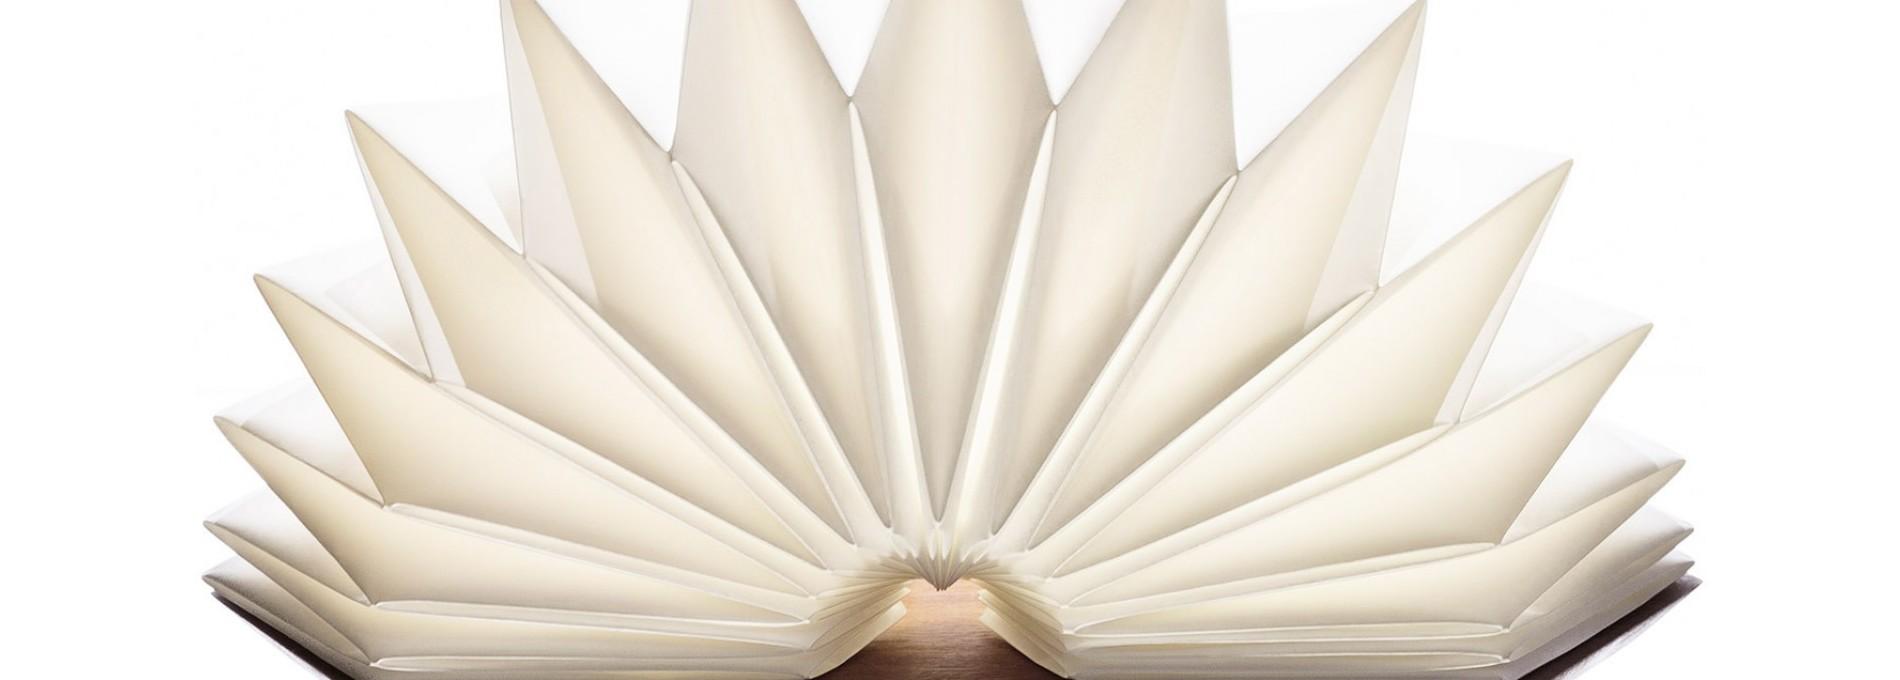 De dobra em dobra, papel dá forma a luz